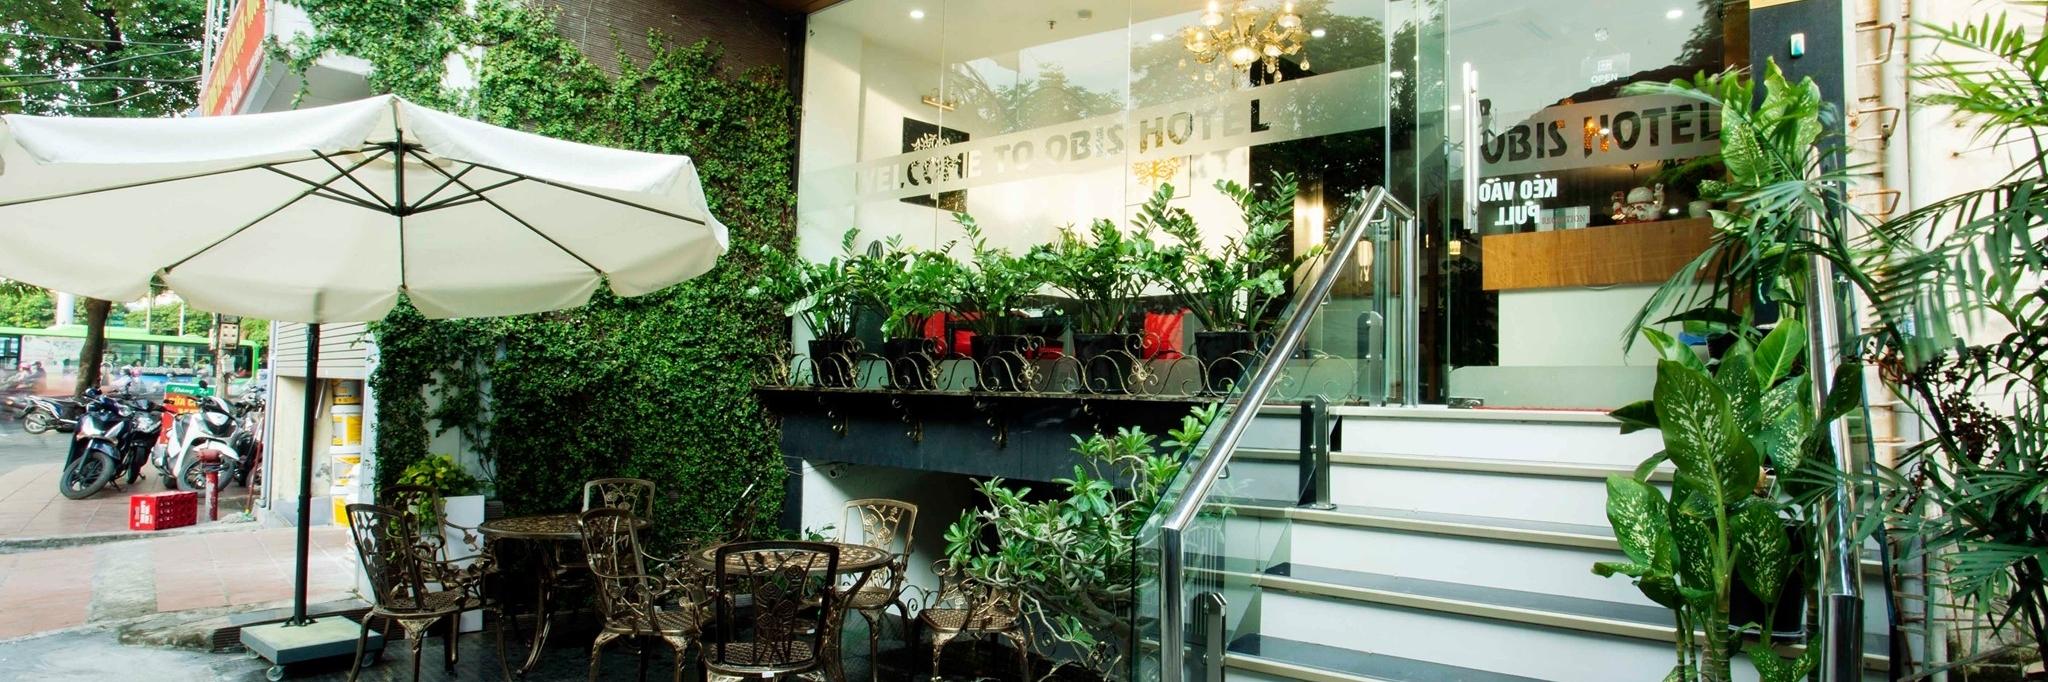 https://gody.vn/blog/bintruong22228605/post/ket-hop-du-lich-voi-nhung-chuyen-cong-tac-that-chat-o-obis-boutique-hotel-hanoi-4818